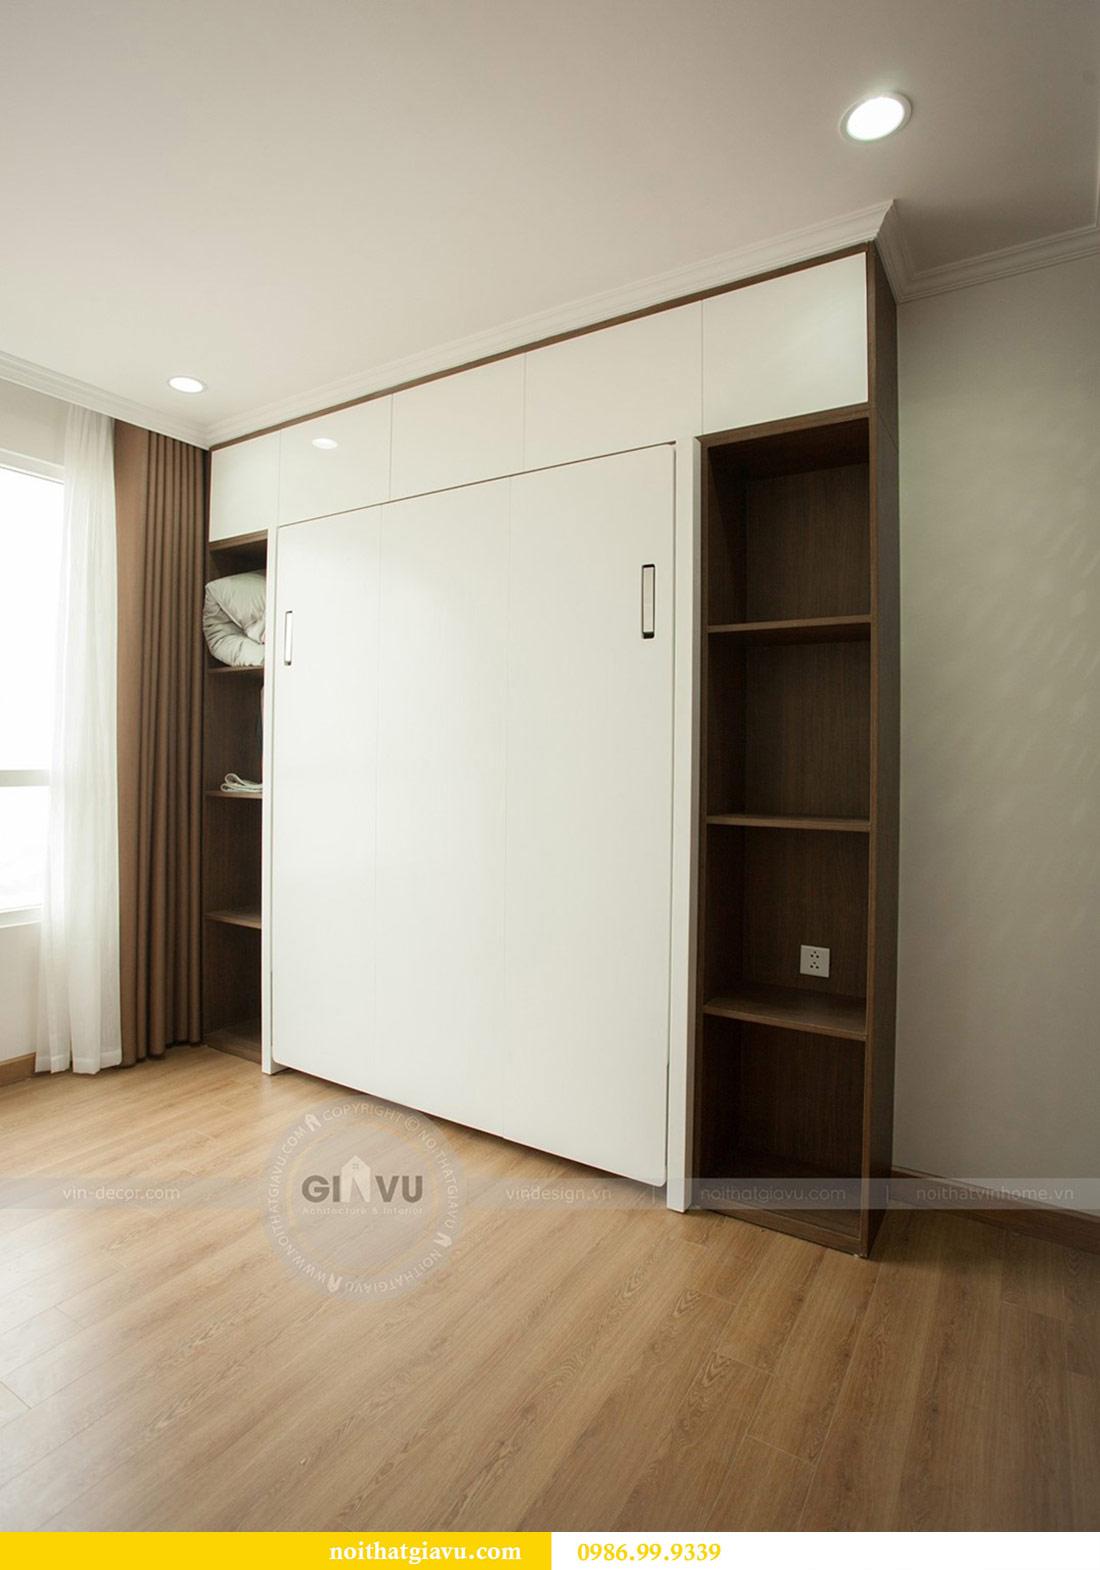 Hoàn thiện nội thất chung cư Seasons Avenue tòa S3 căn 01 - anh Bách 11